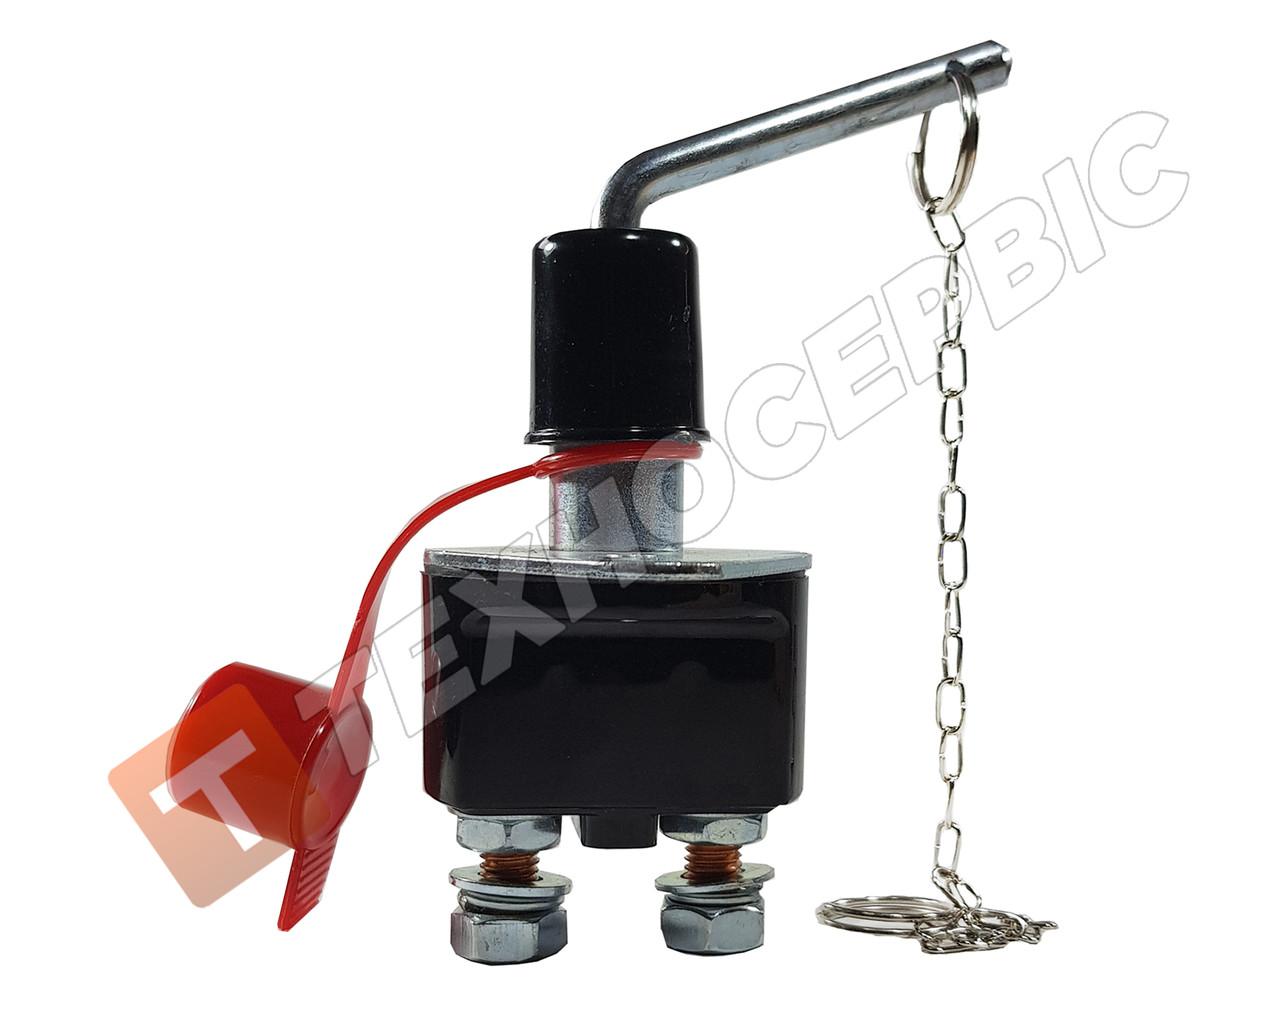 Выключатель массы с поворотным рычагом 12-24v (250А) (пр-во ALSA) Турция